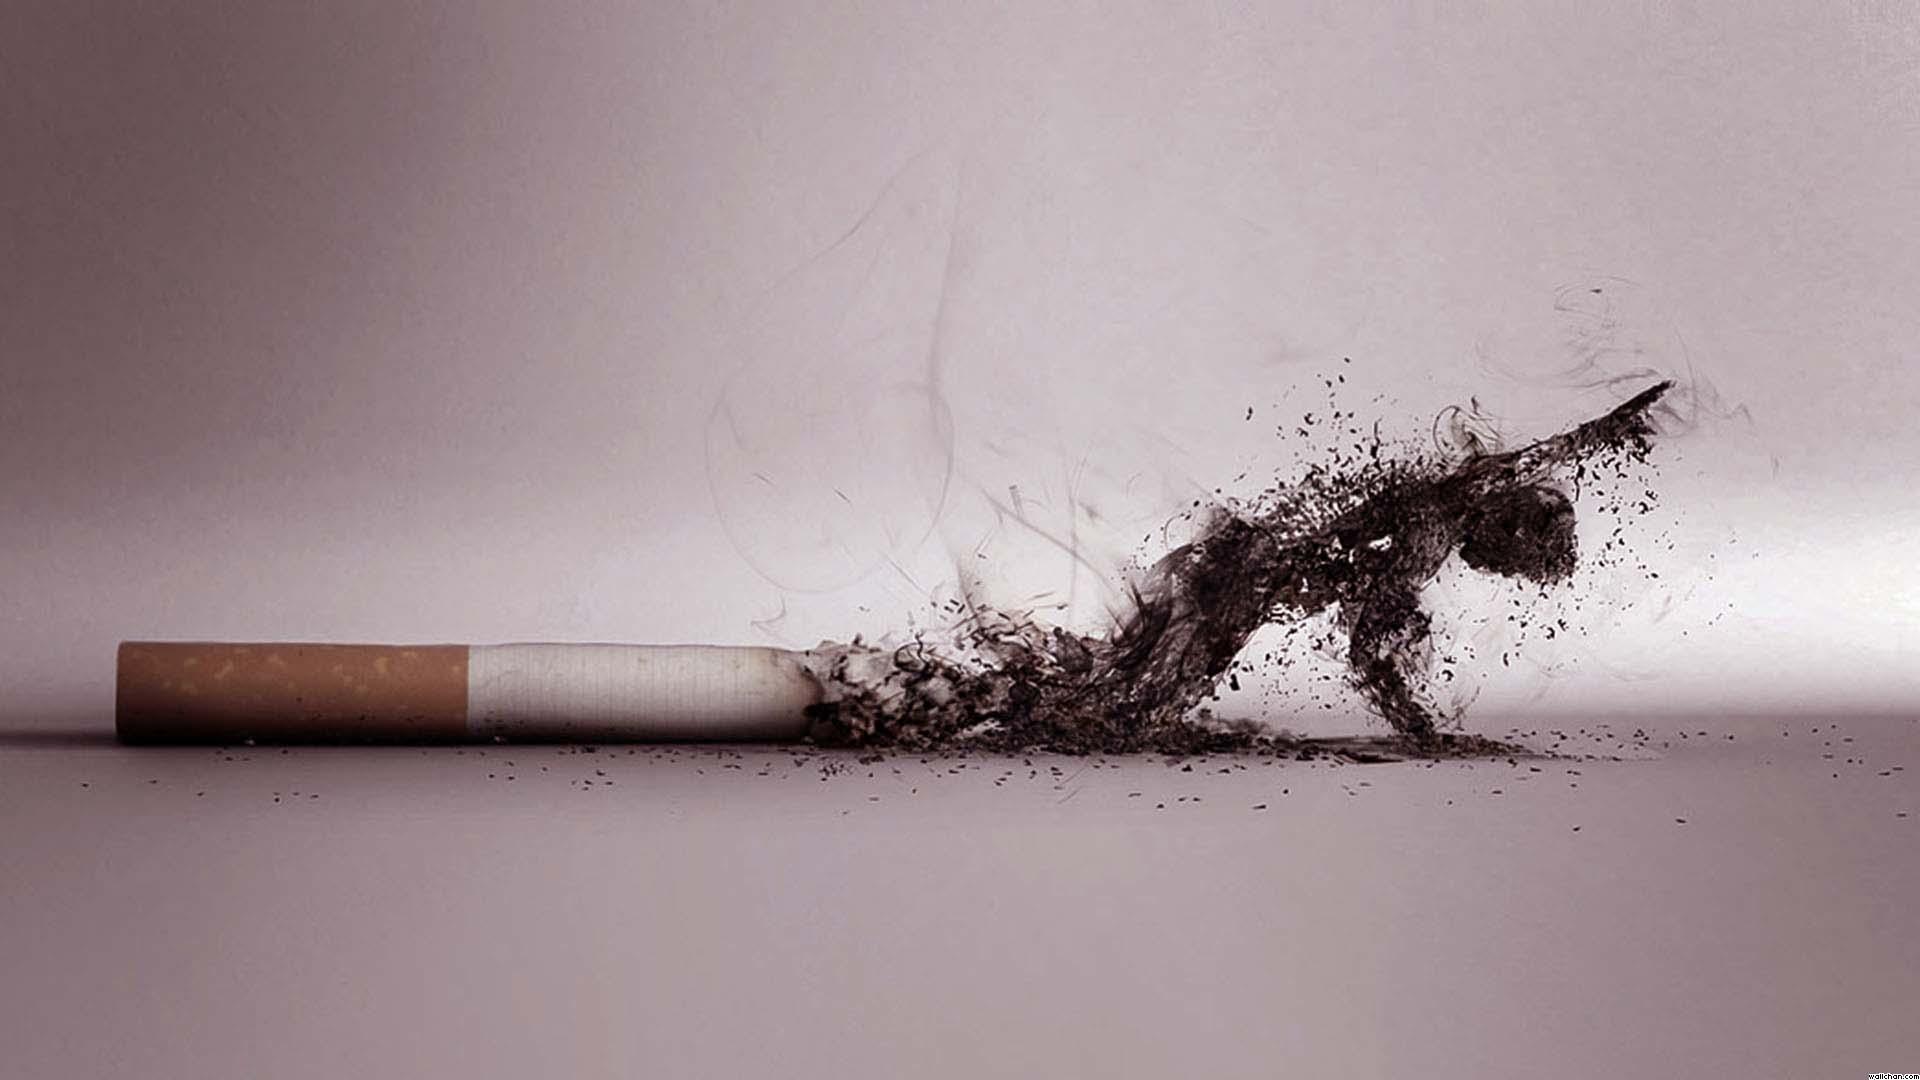 ترک سیگار را فراموش کنید!